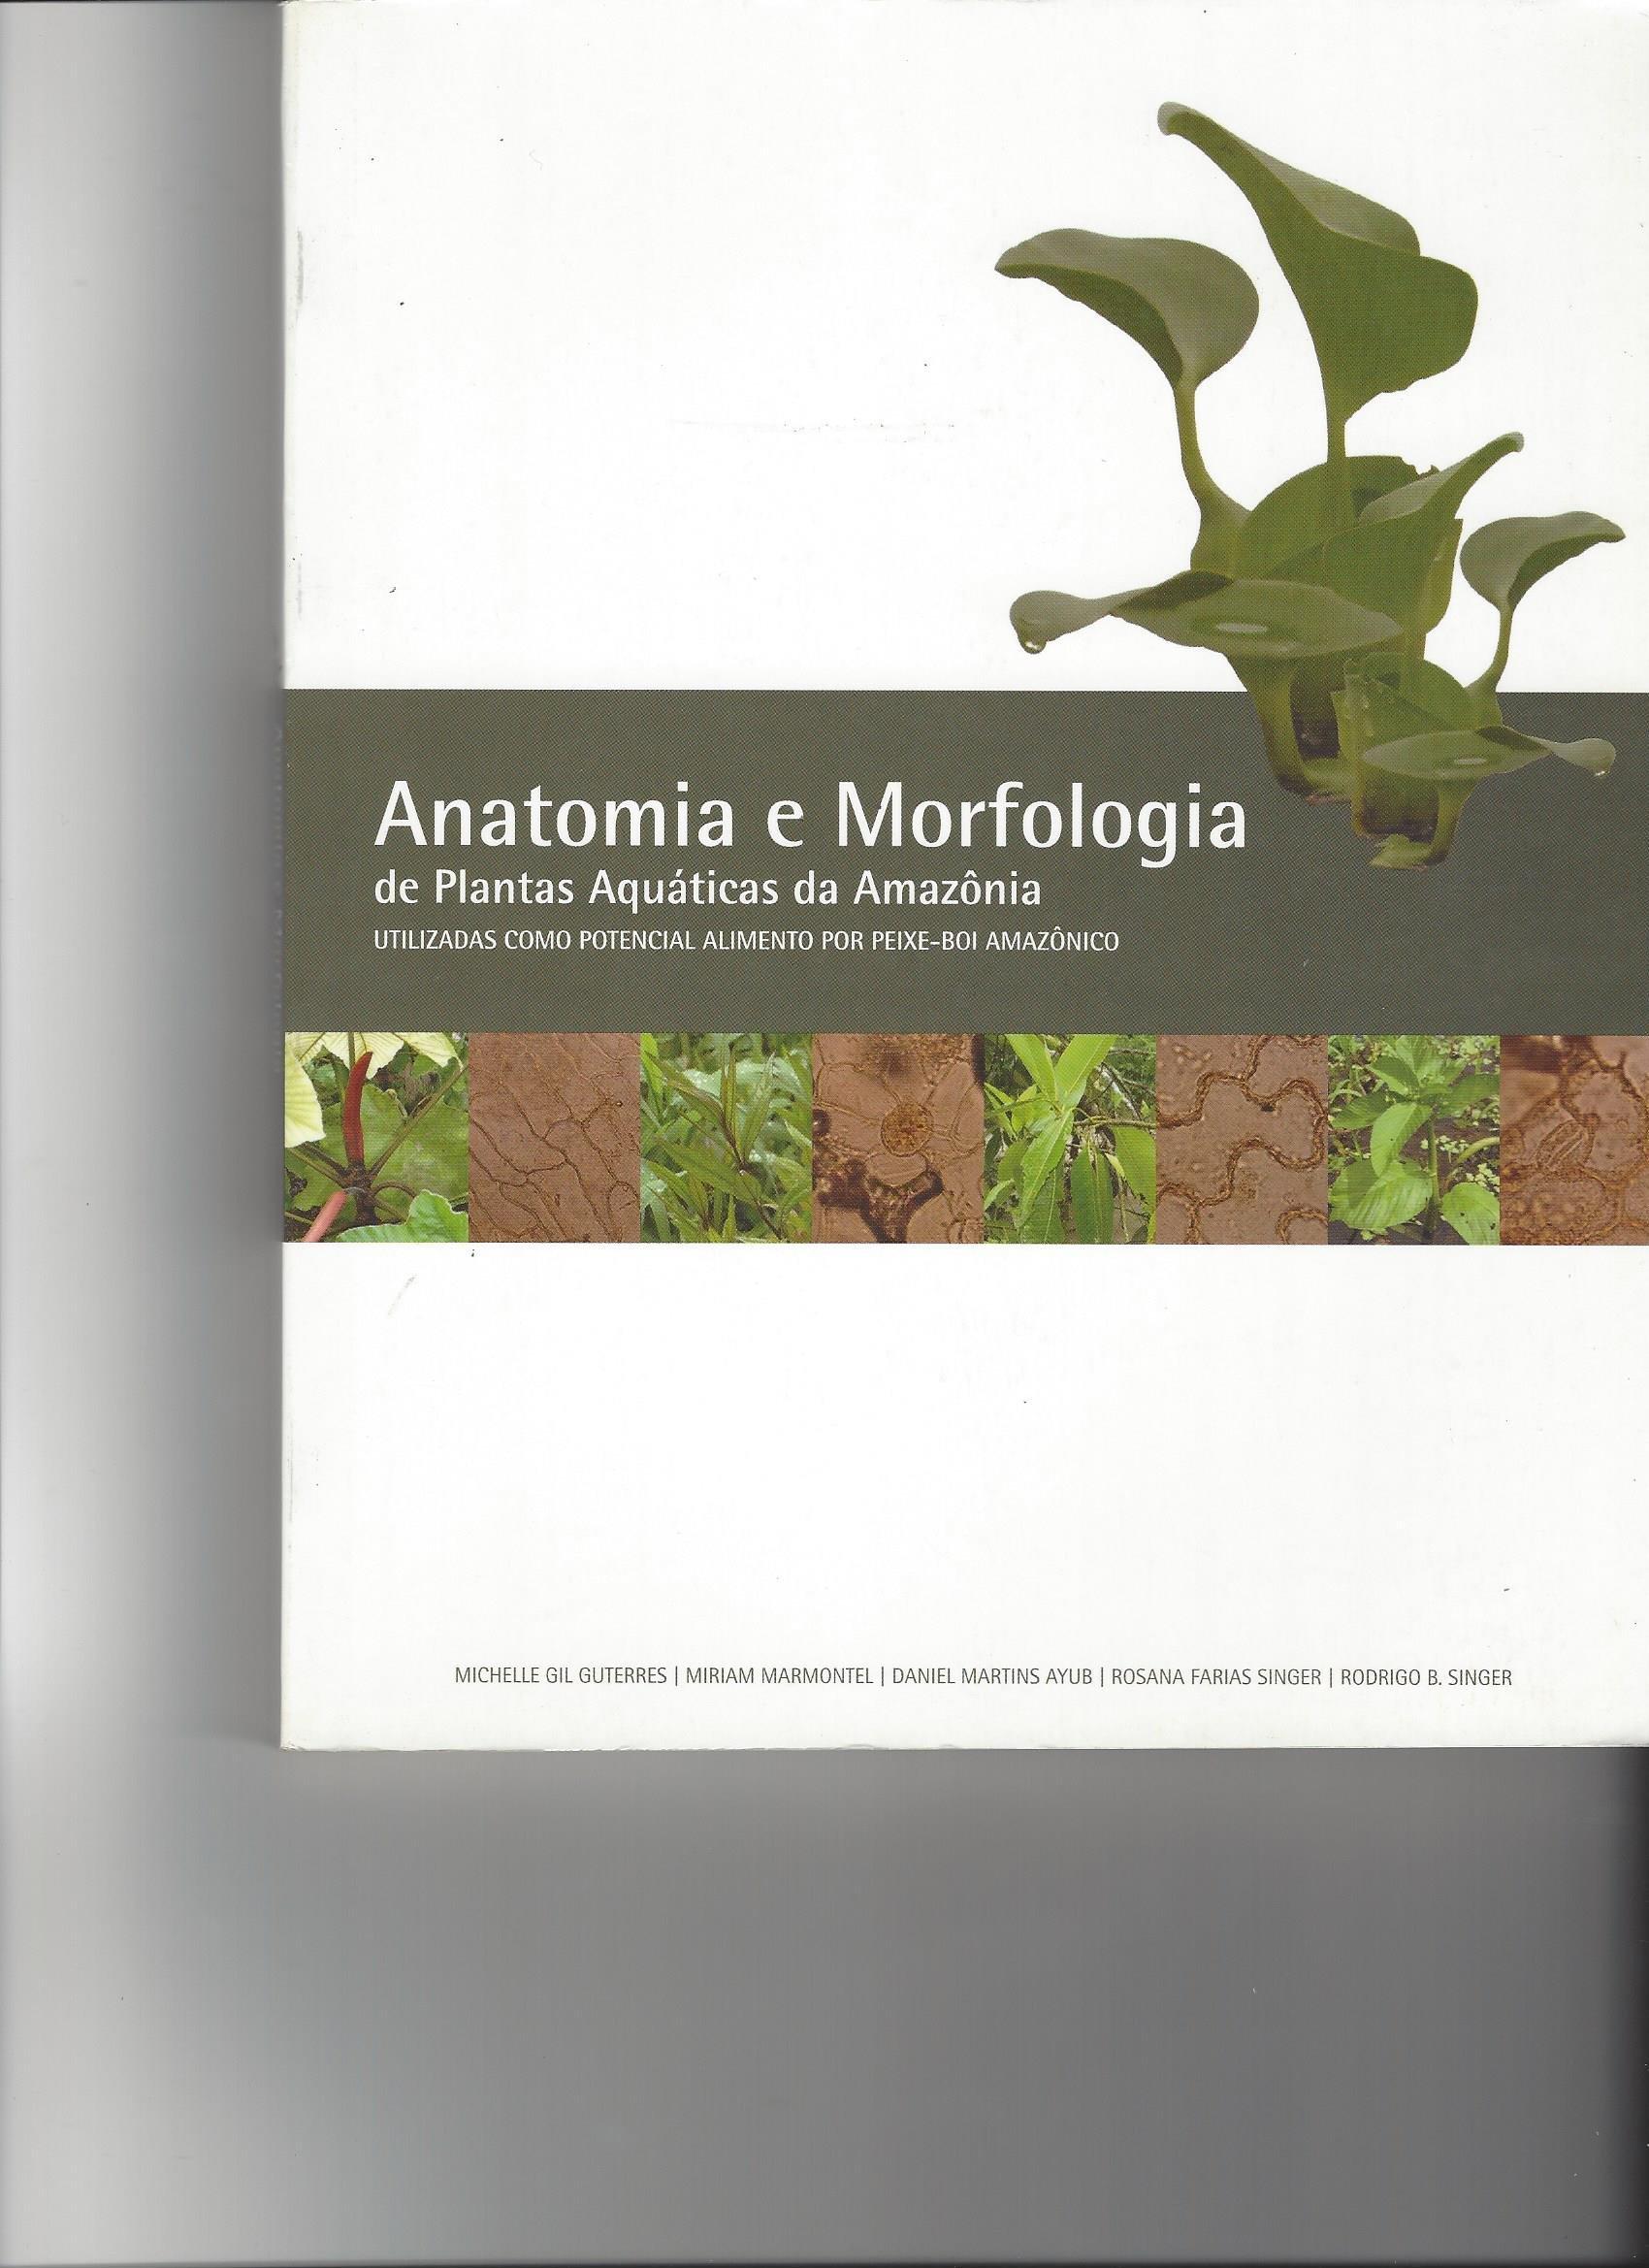 Anatomia e Morfologia des Plantas Aquaticas da Amazonia (Utilizadas ...